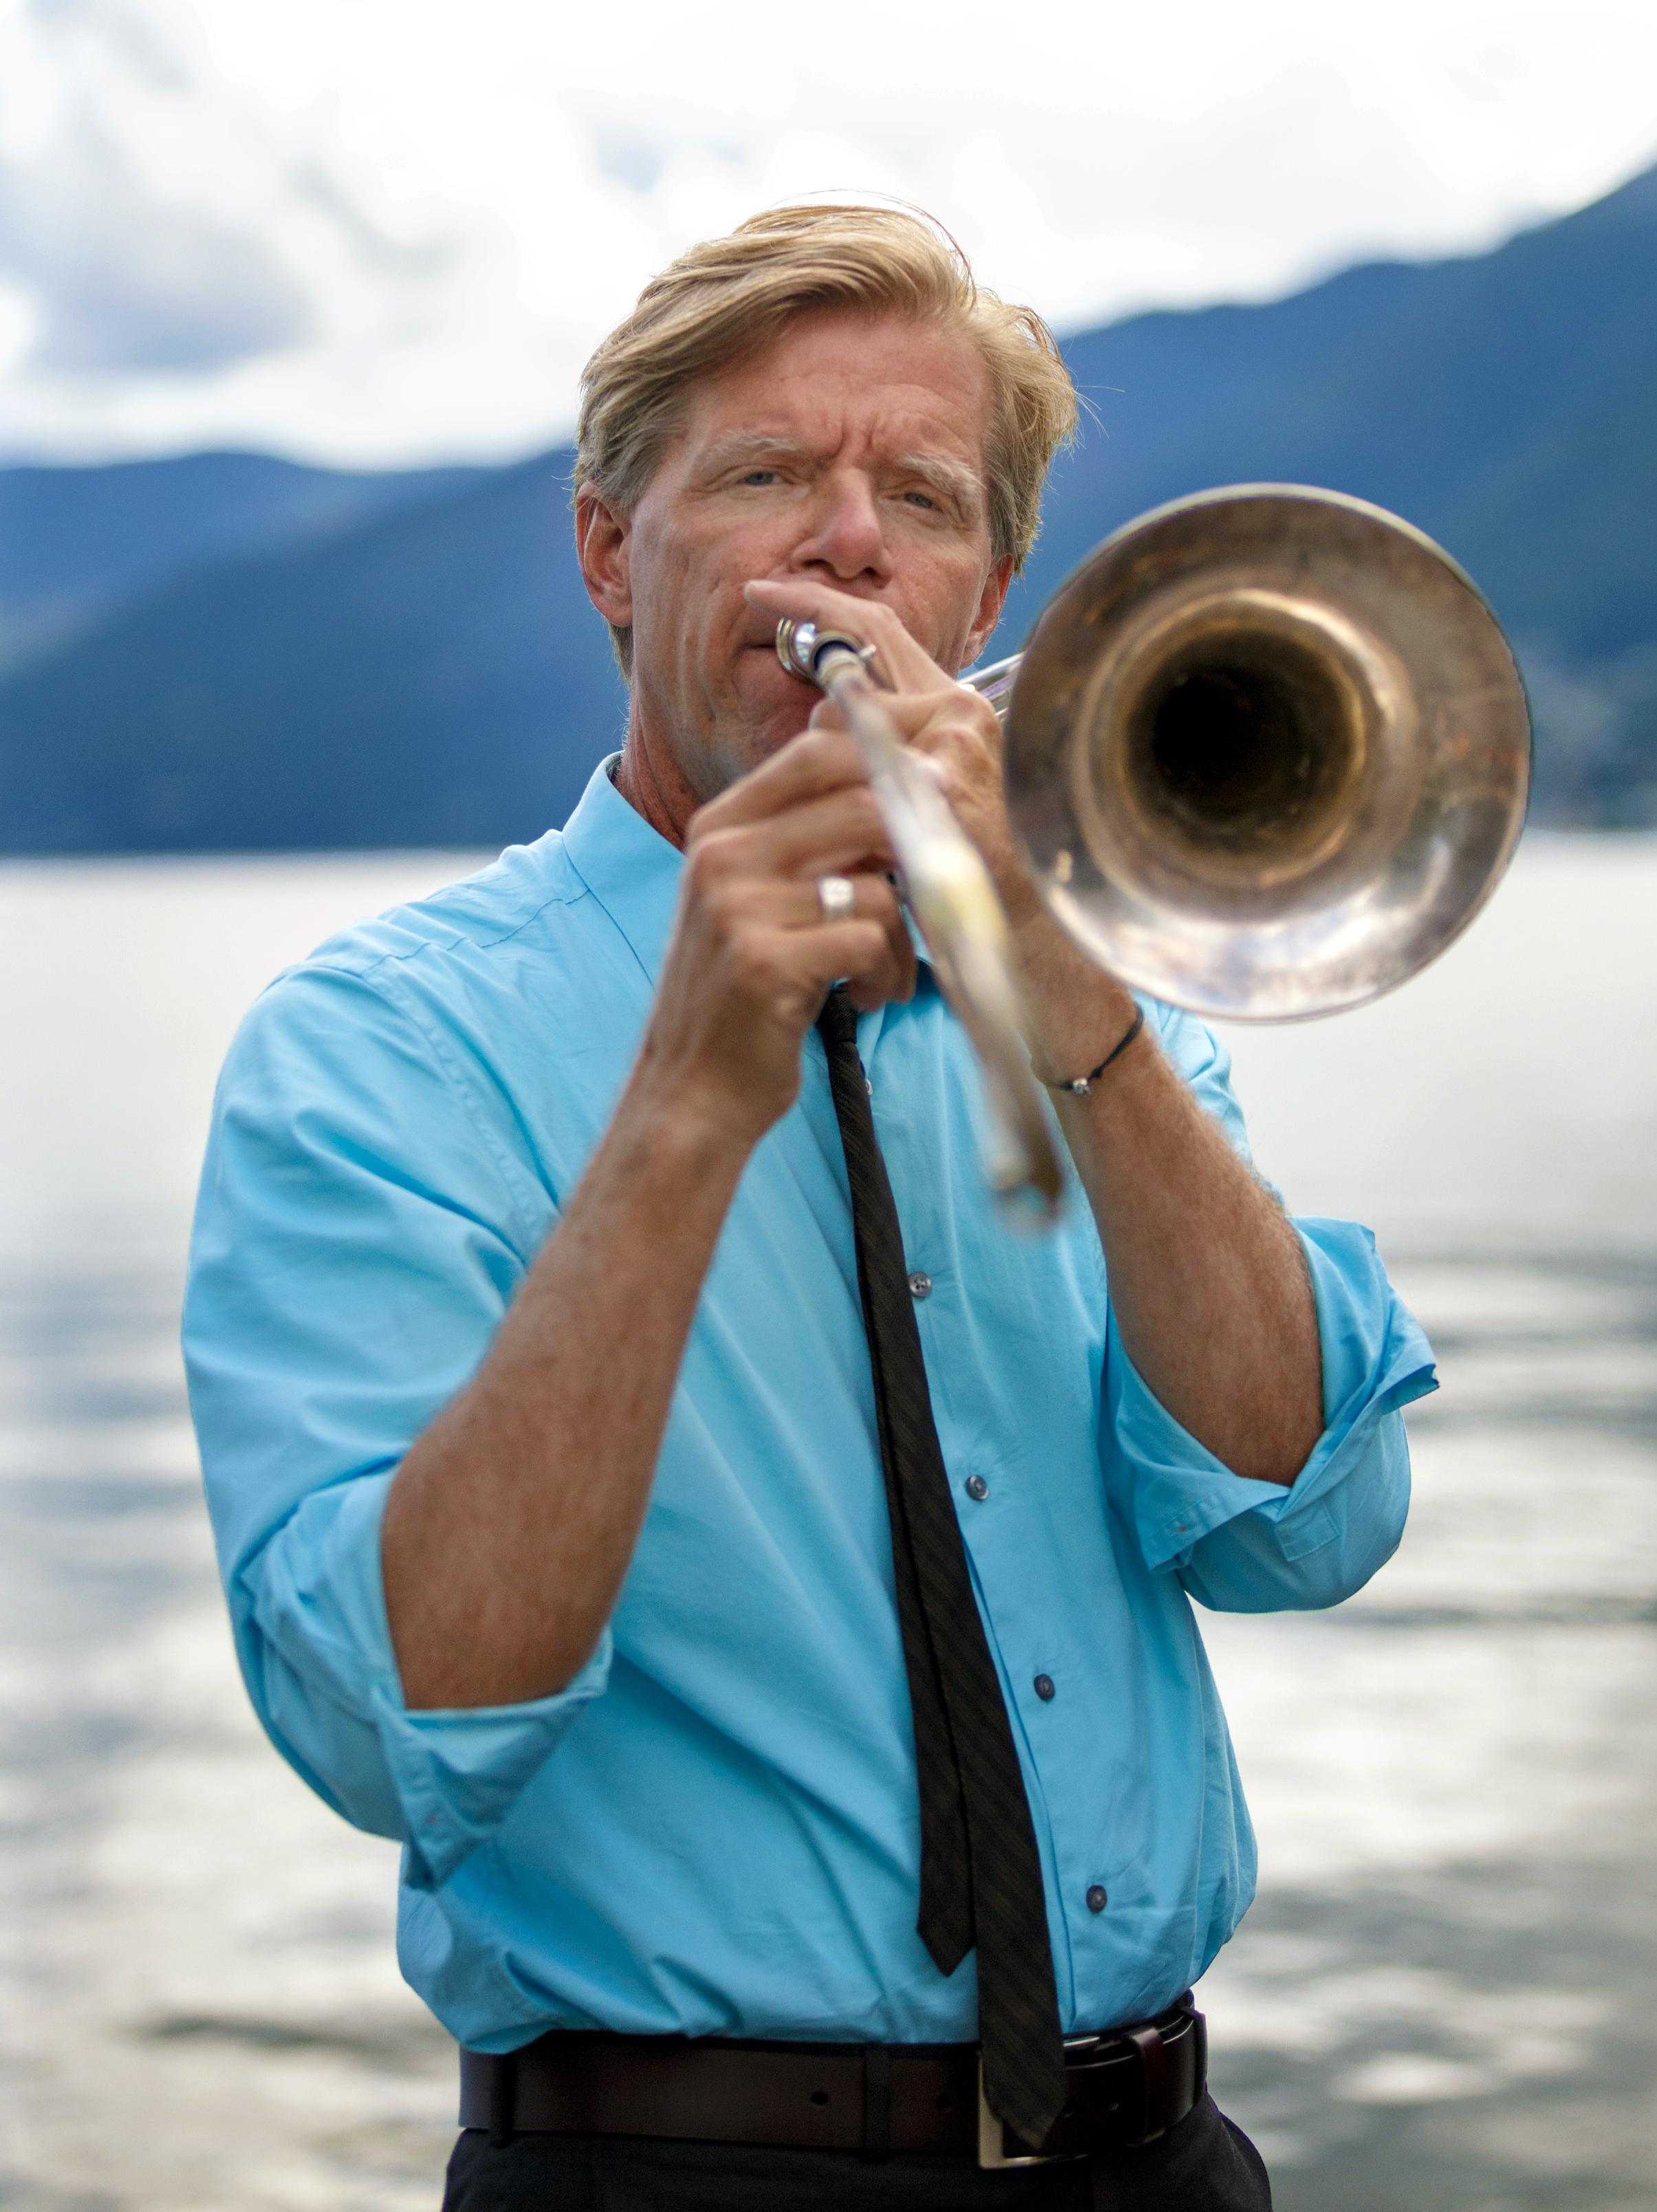 Craig Klein, New Orleans Jazz Vipers